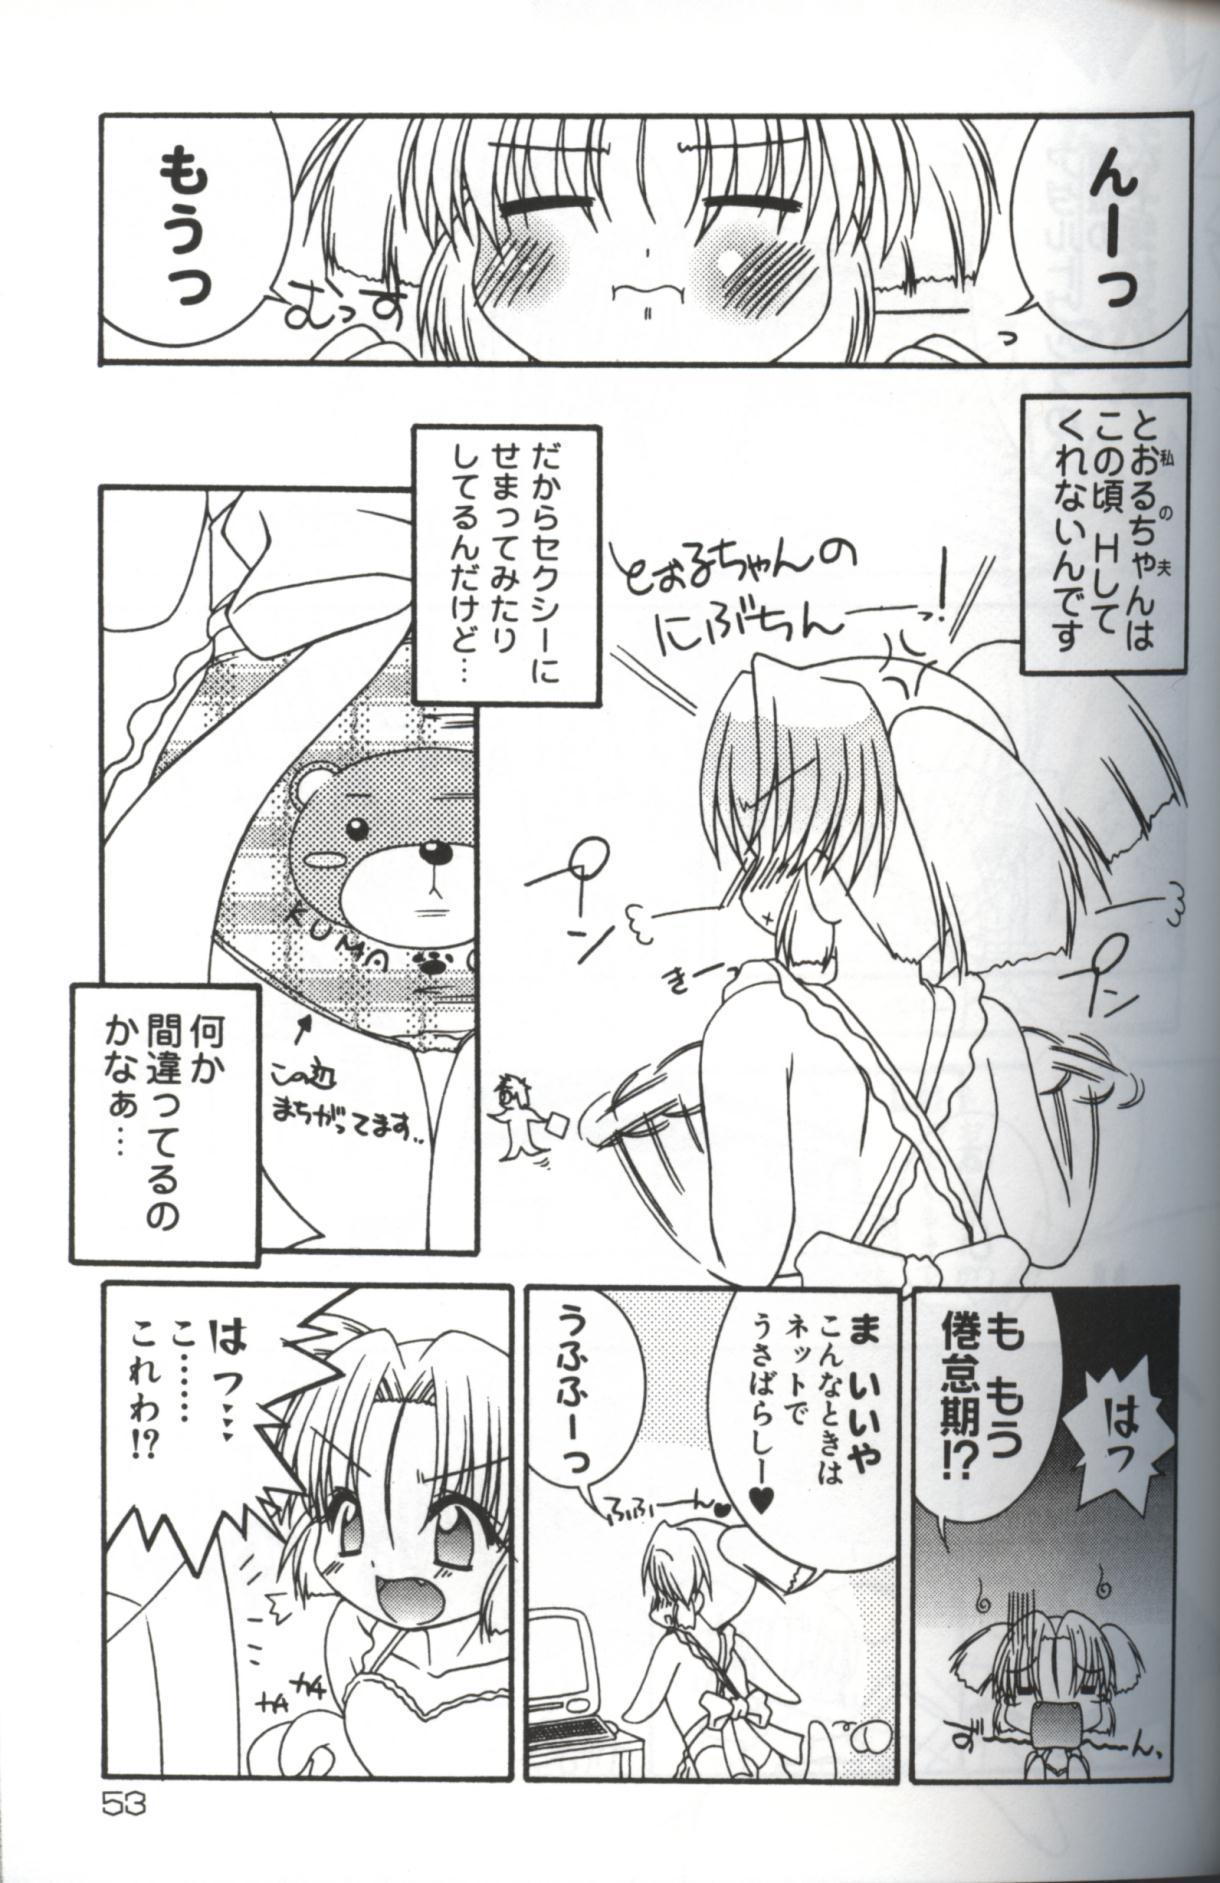 Hatsujou ♡ Oneesama 54